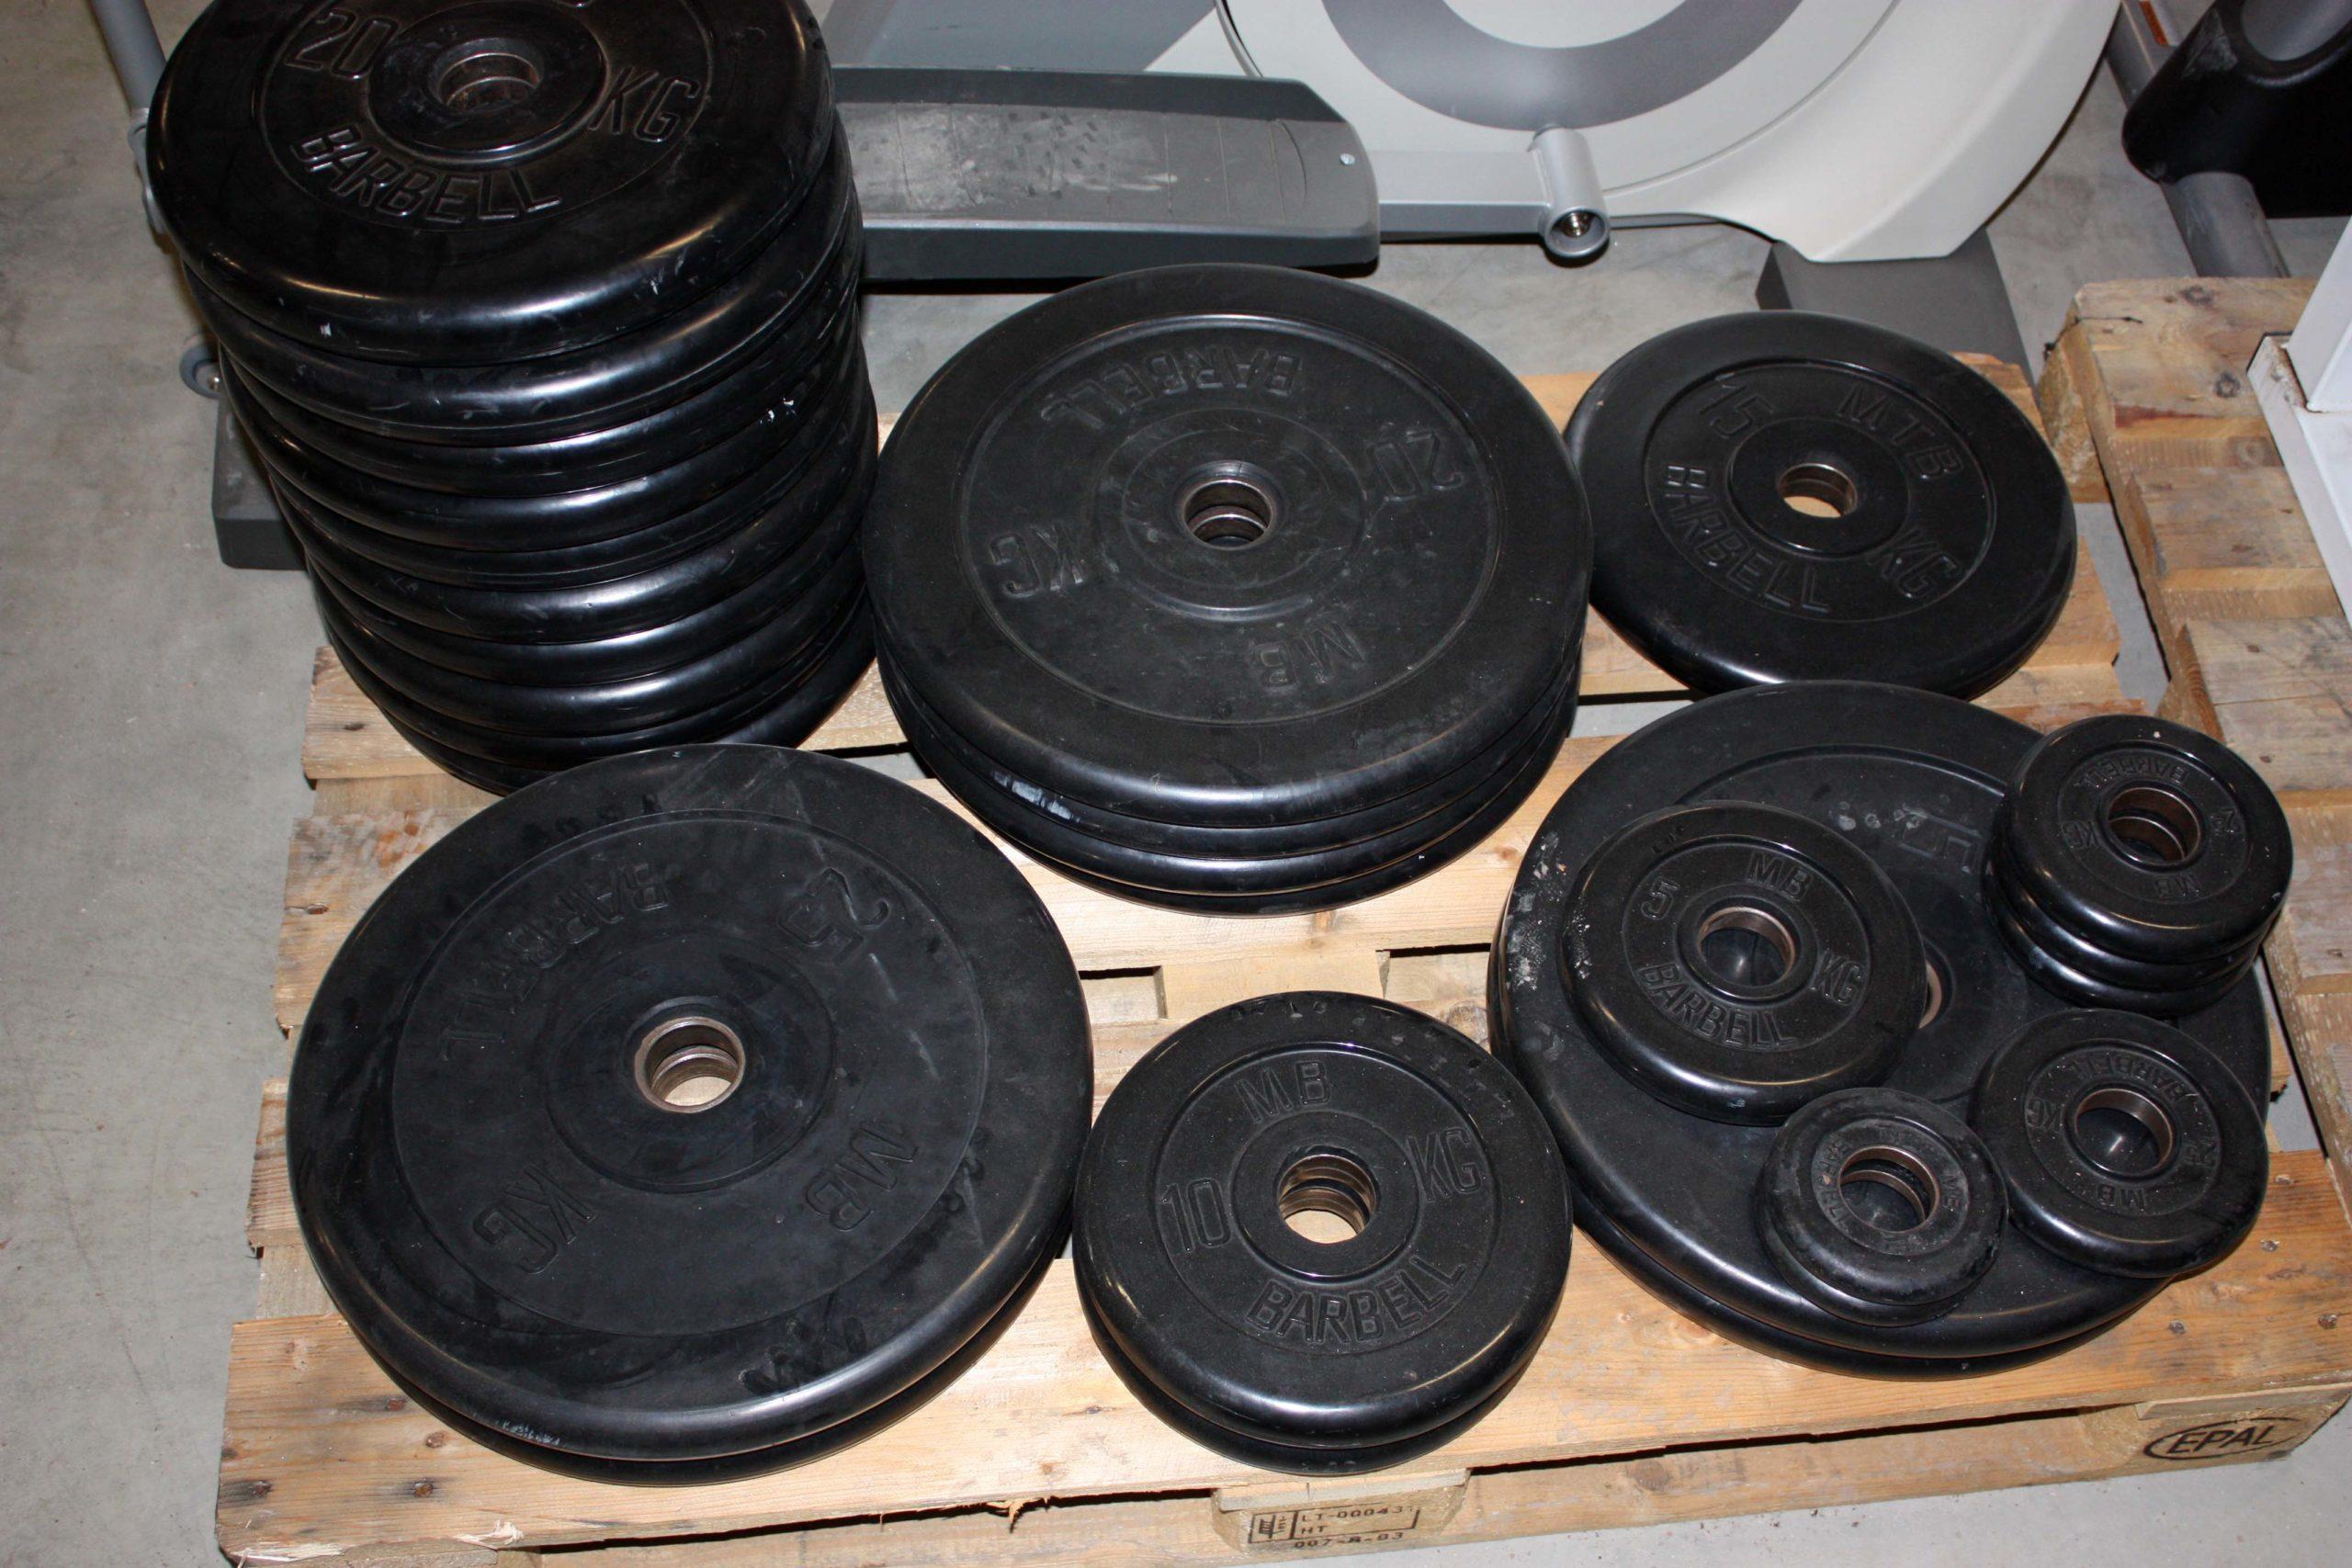 Kumitettuja levypainoja noin 370 kg